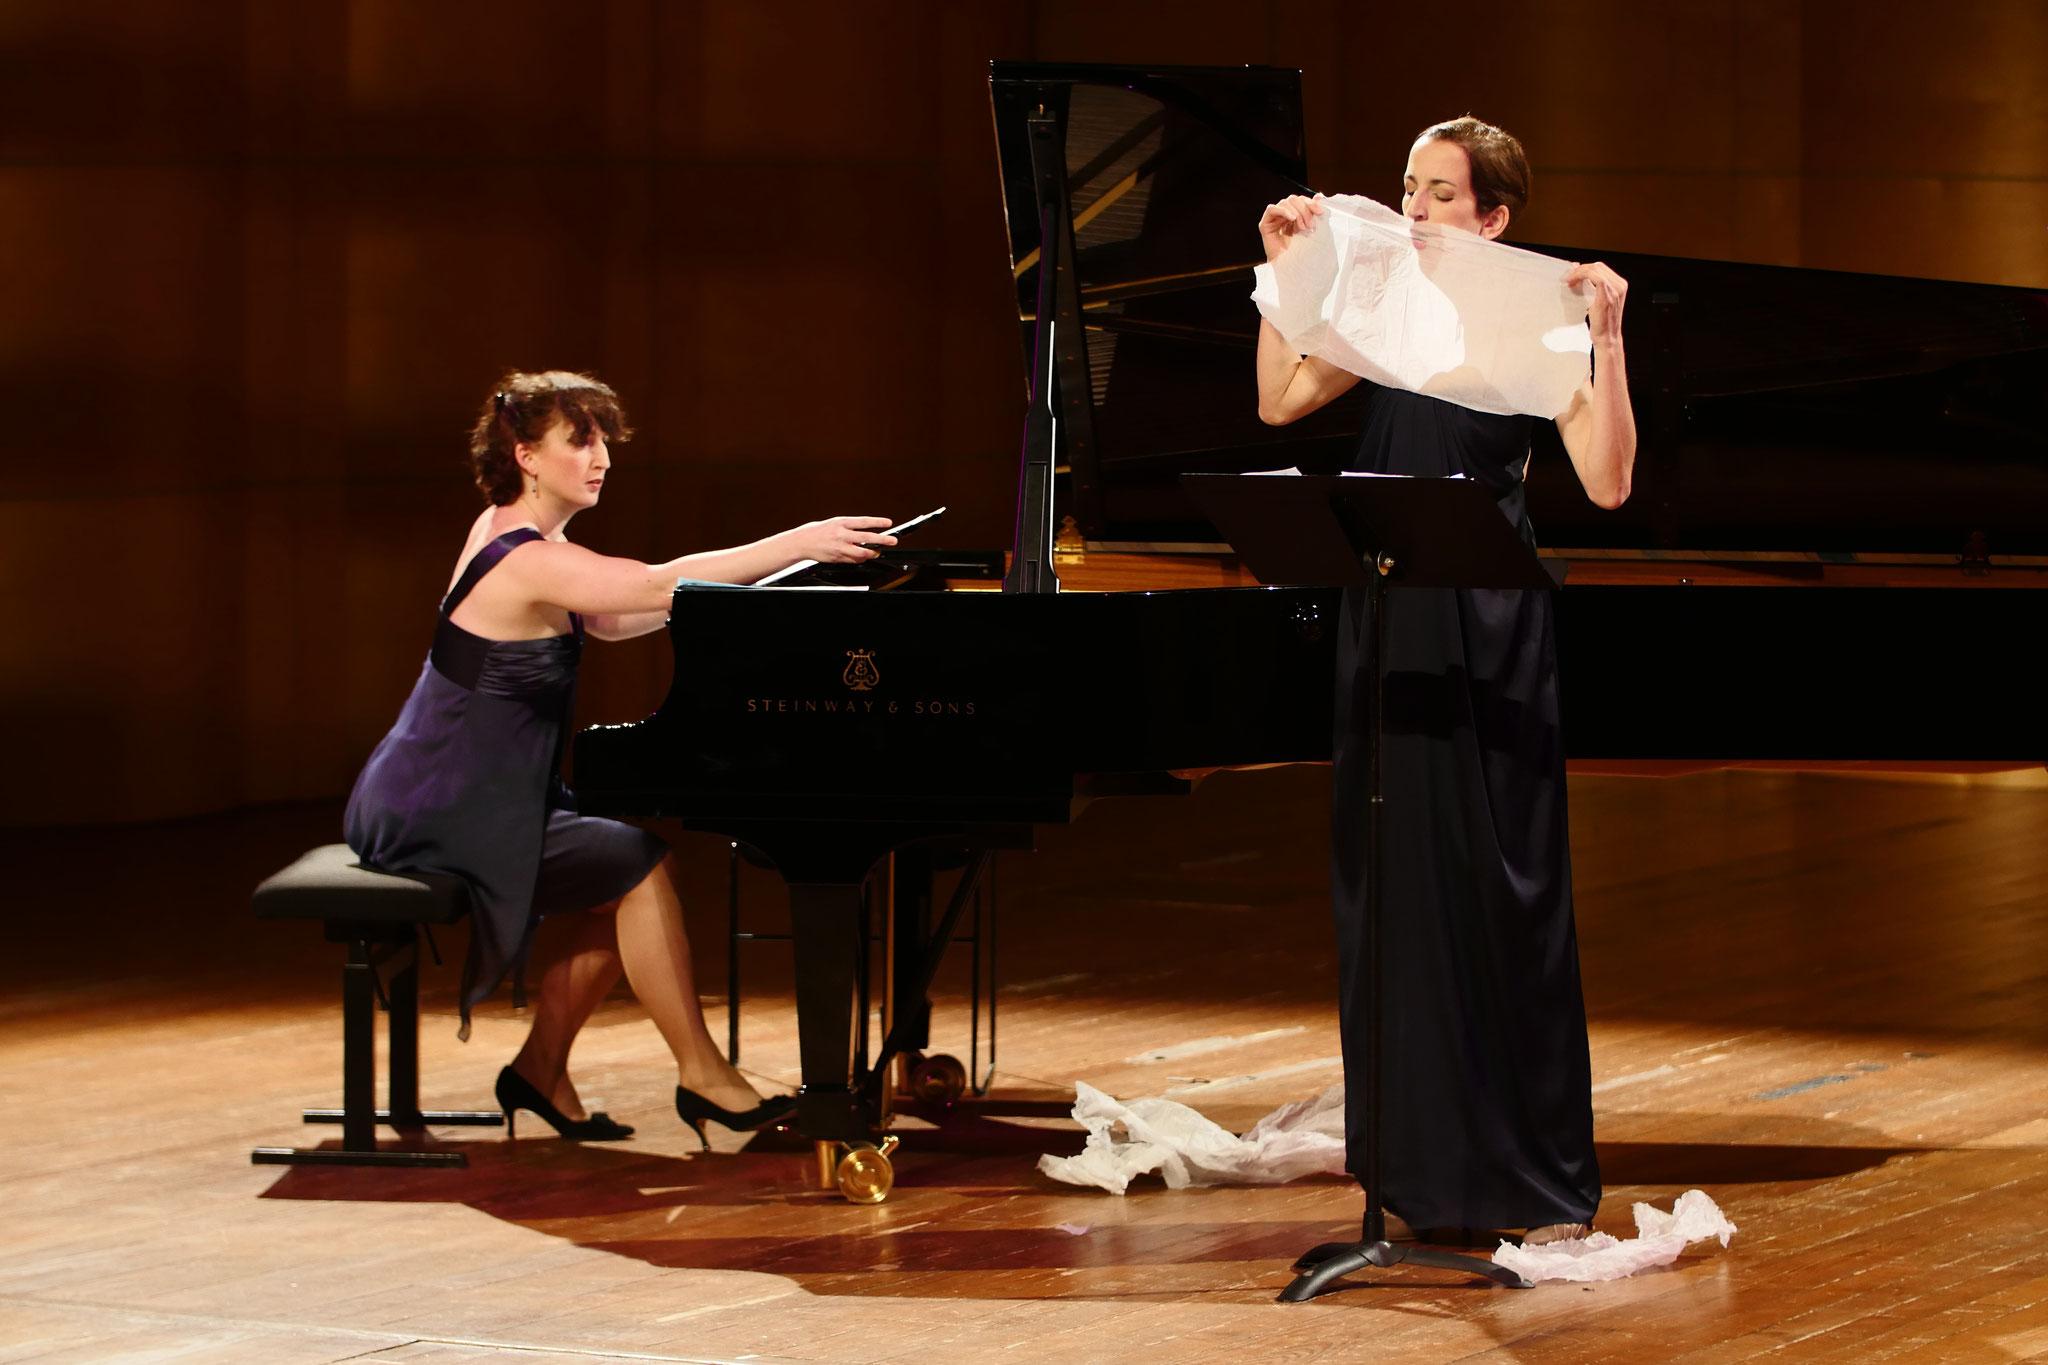 Avec Marie-Elise Boyer - Mélodie pour soprano, piano et papier de soie de Jonathan Zwaenepoel